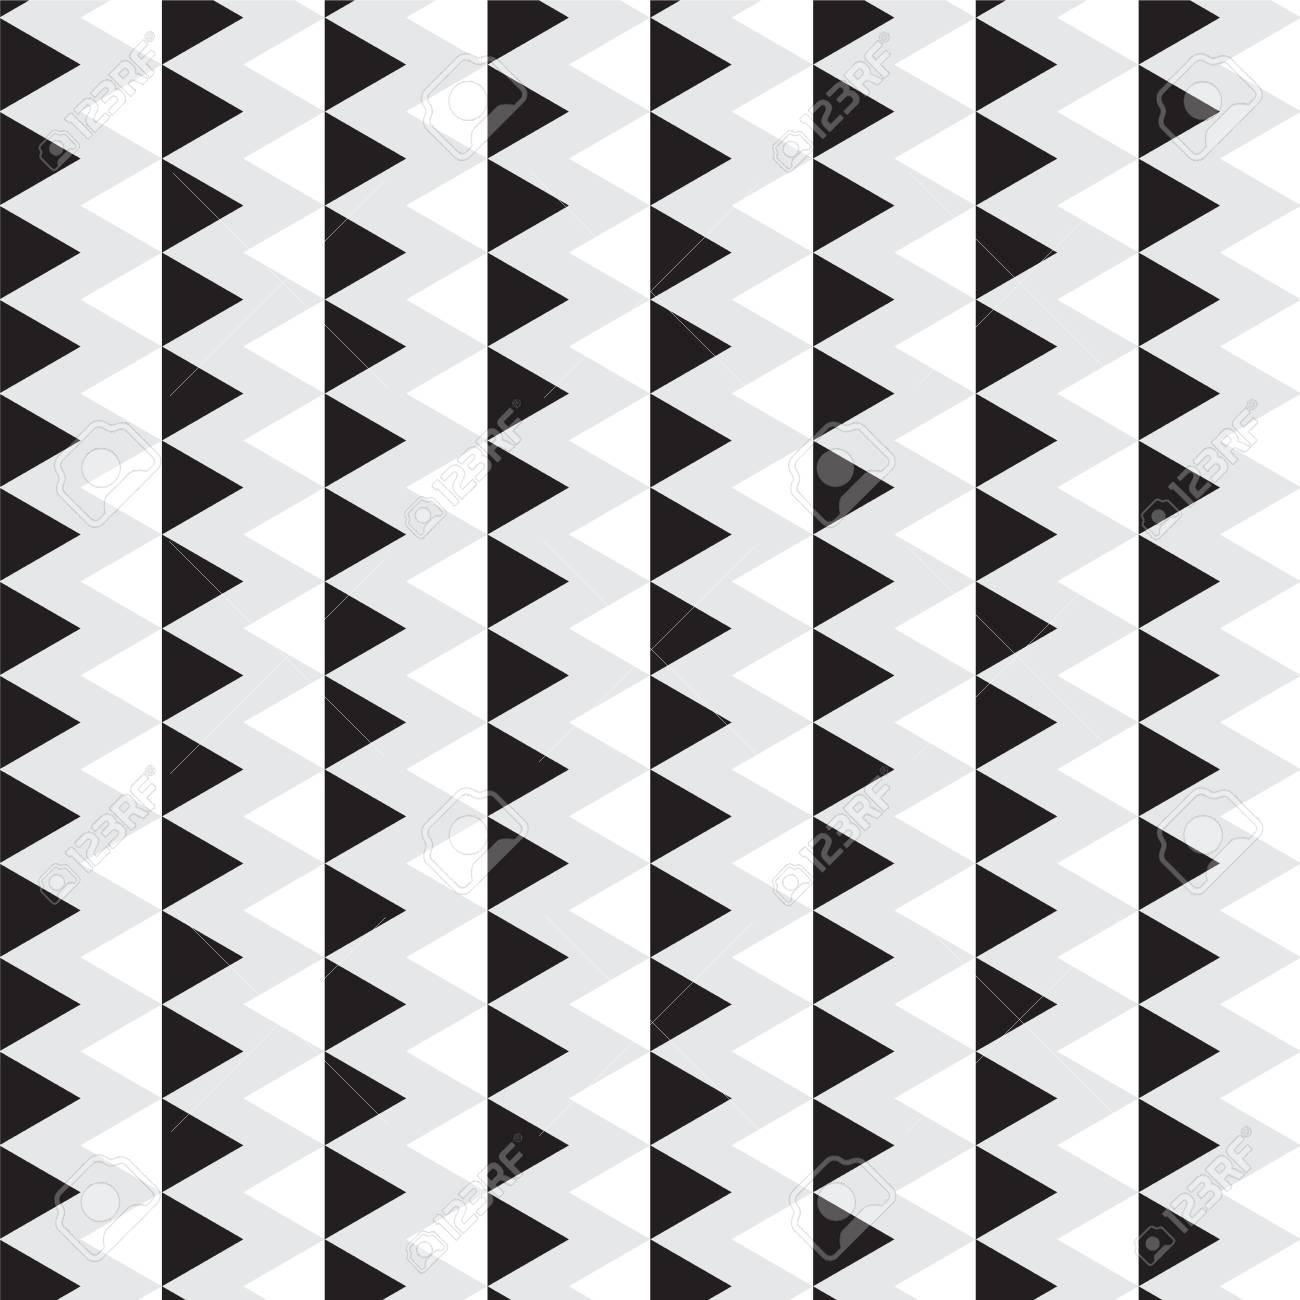 Triángulo Blanco Y Negro Con Imagen De Ilustración De Vector De ...